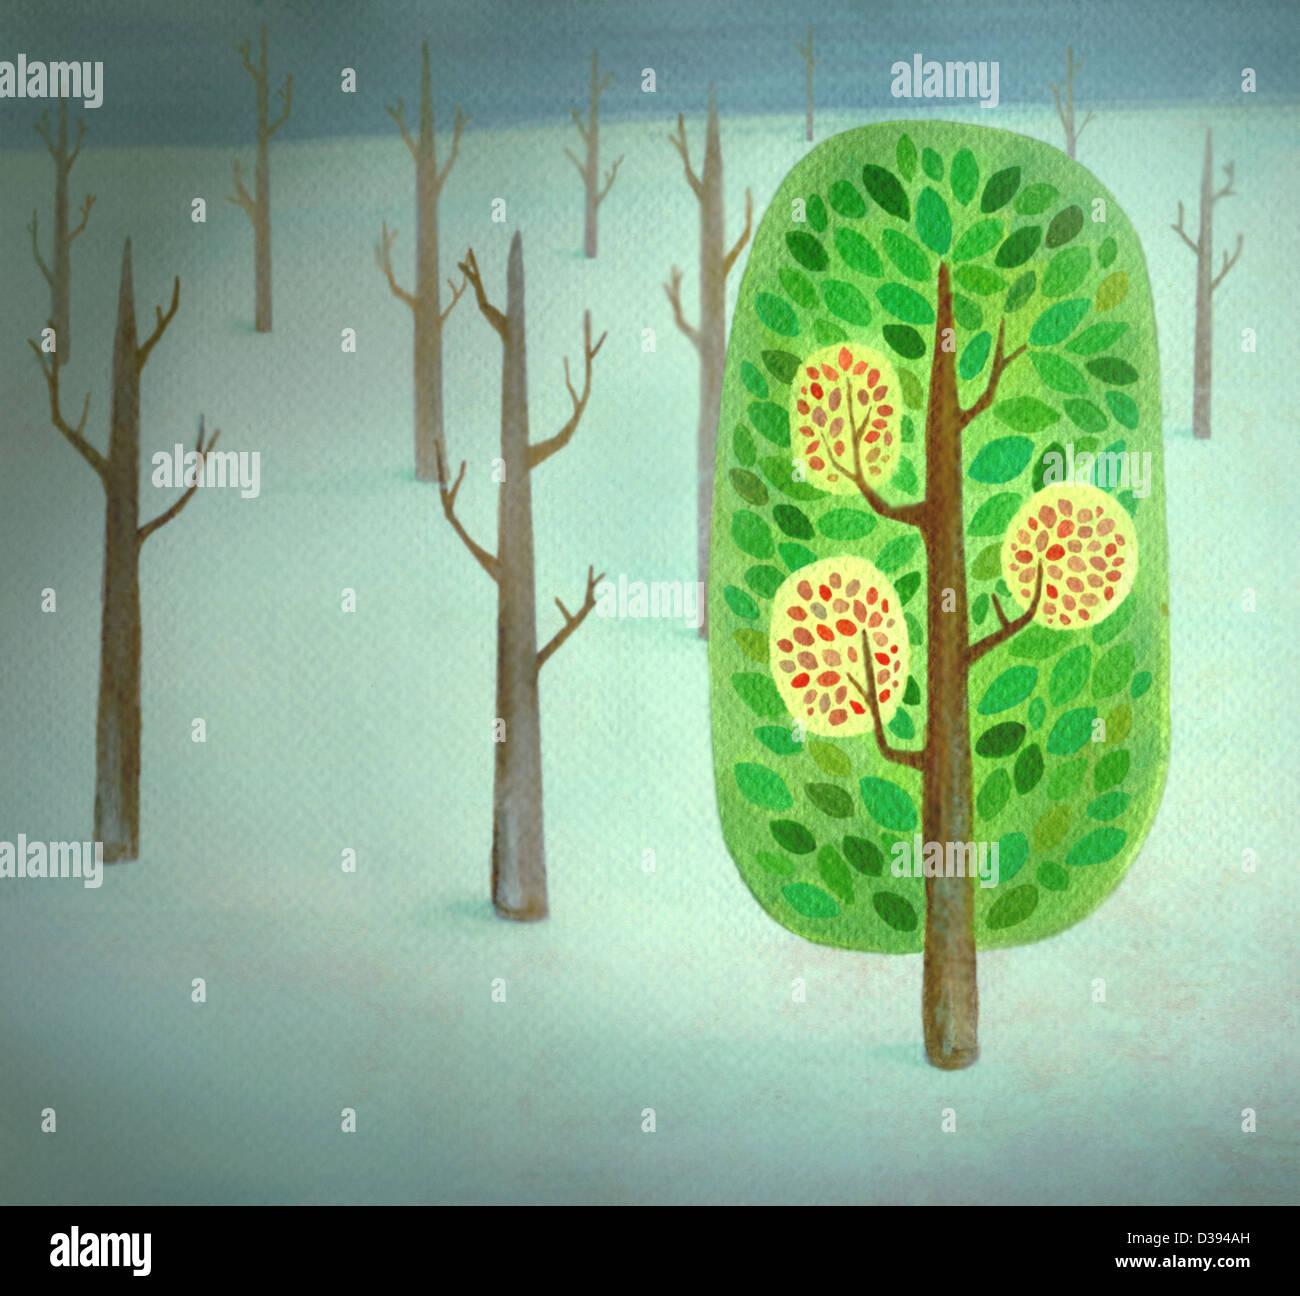 Un árbol de floración destacándose agregar desde árboles desnudo Foto de stock